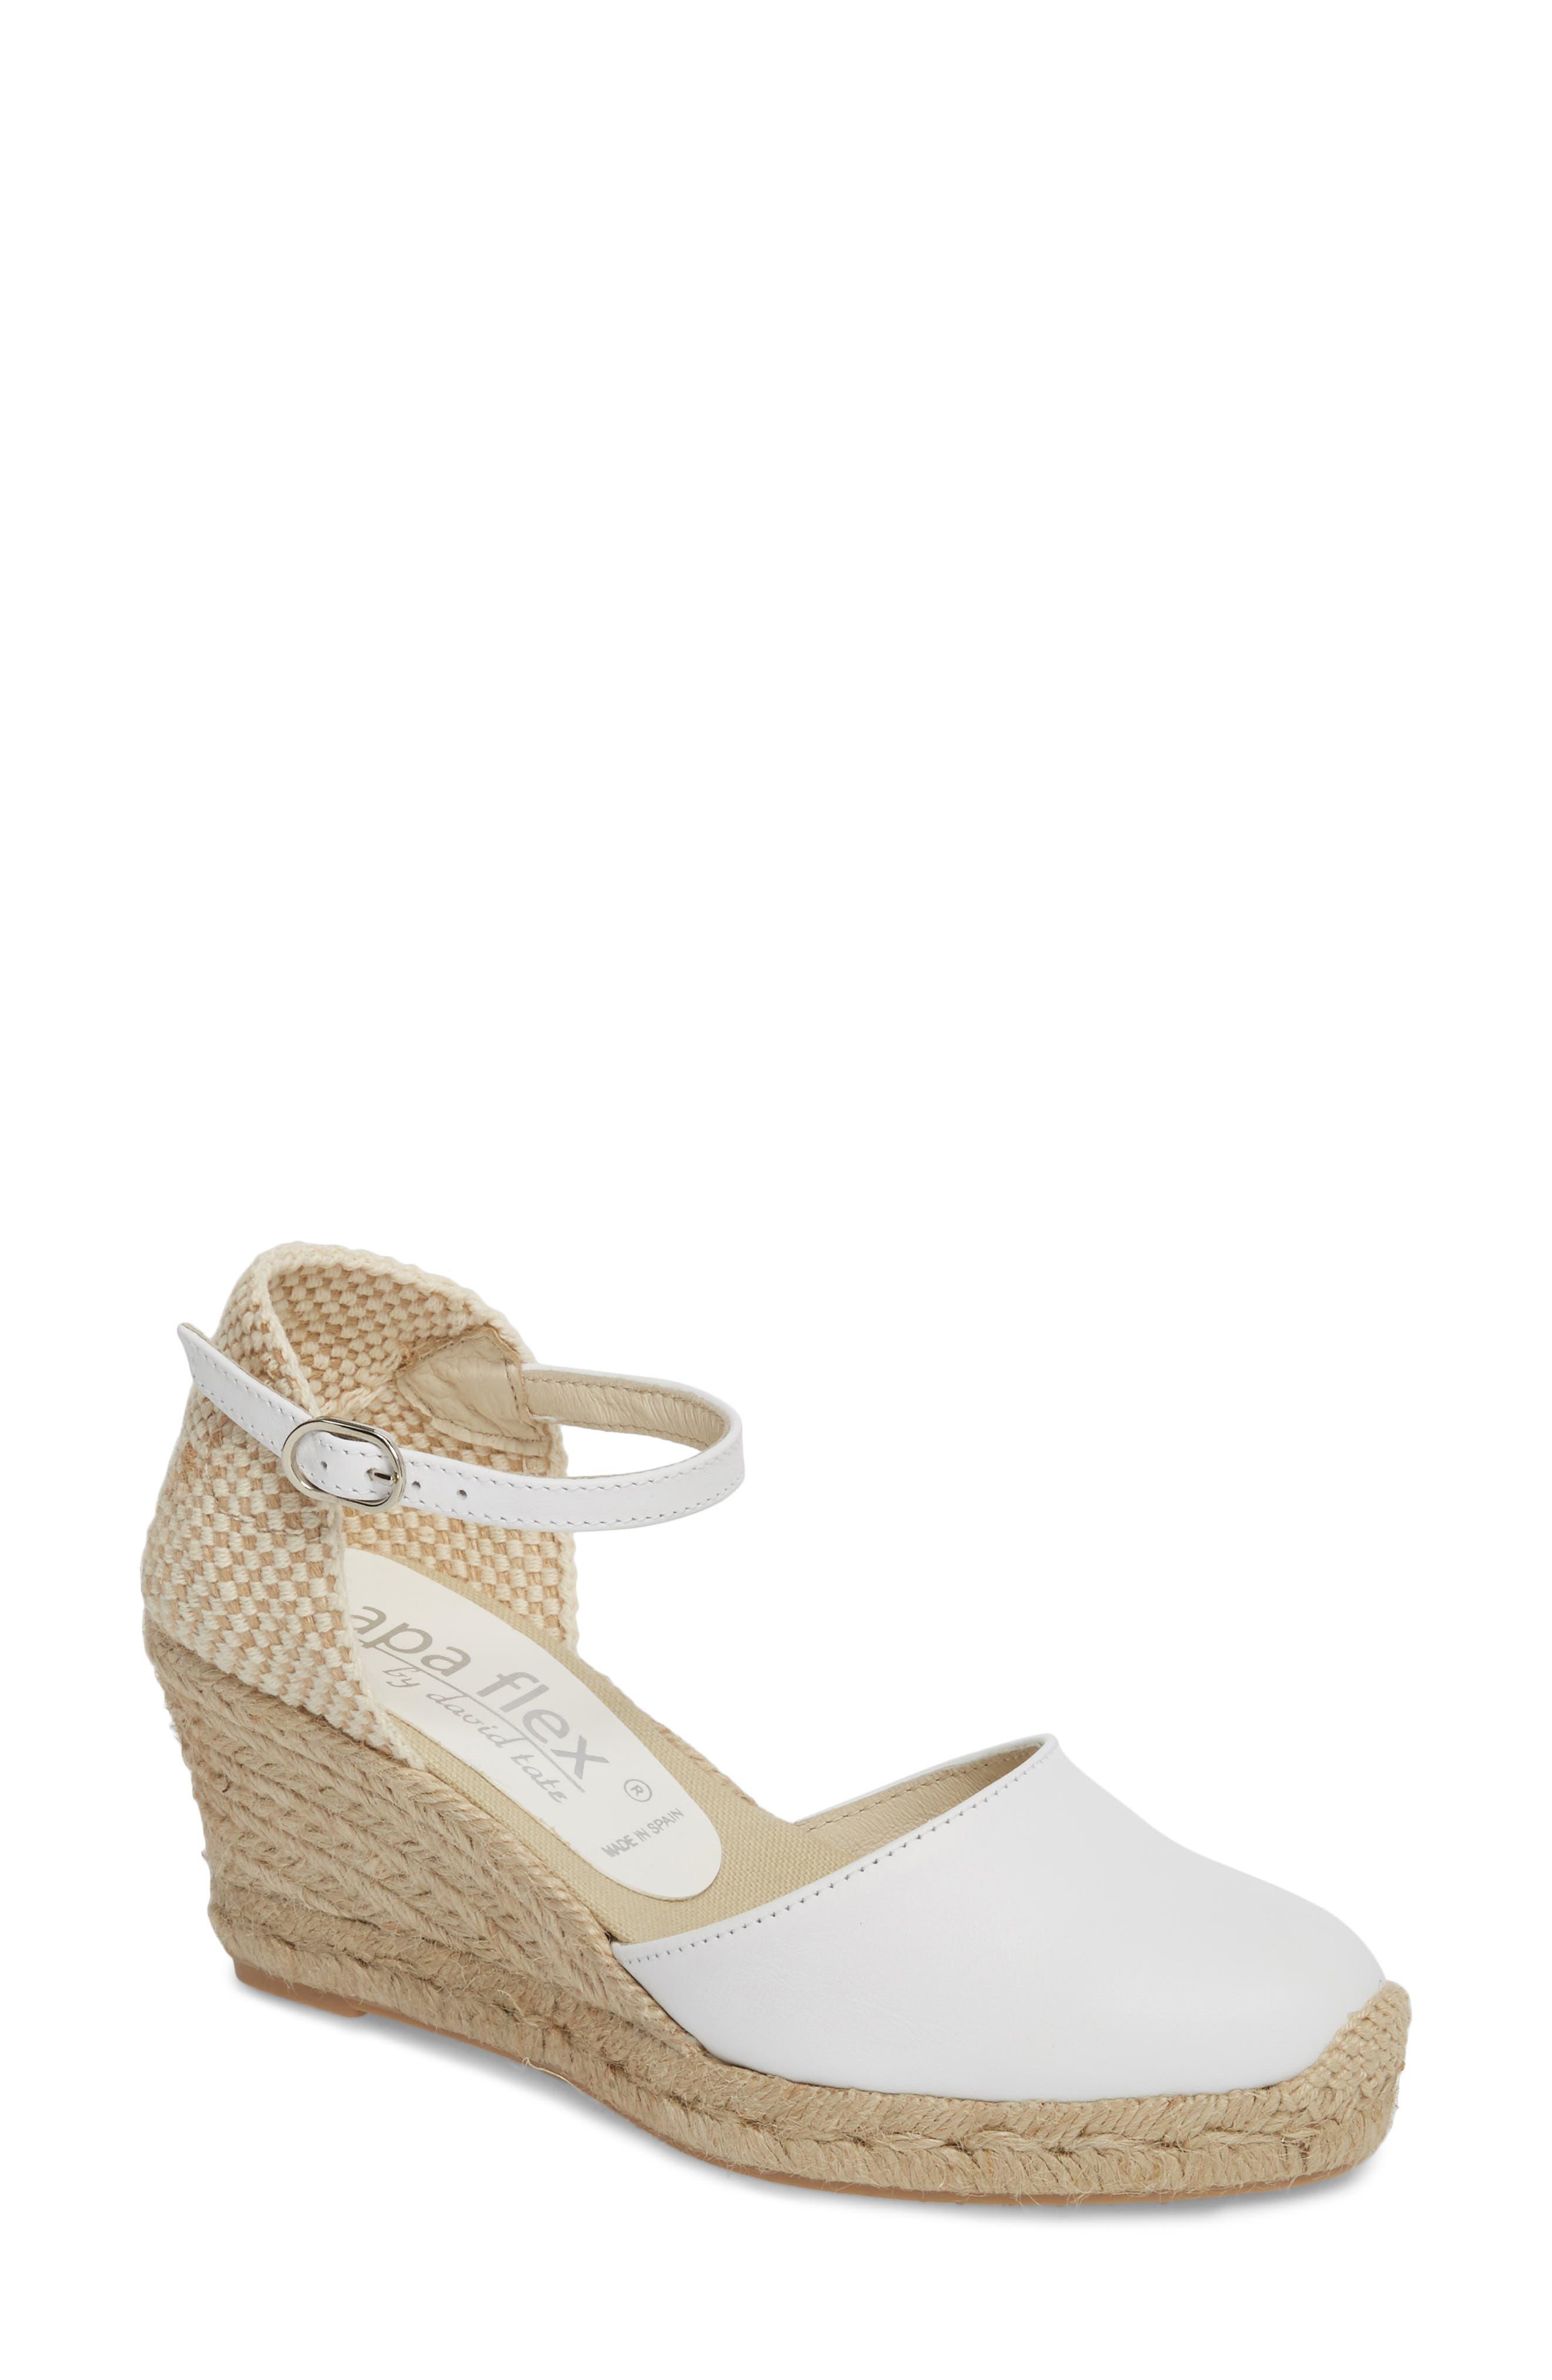 NAPA FLEX Europa Wedge Sandal, Main, color, 100